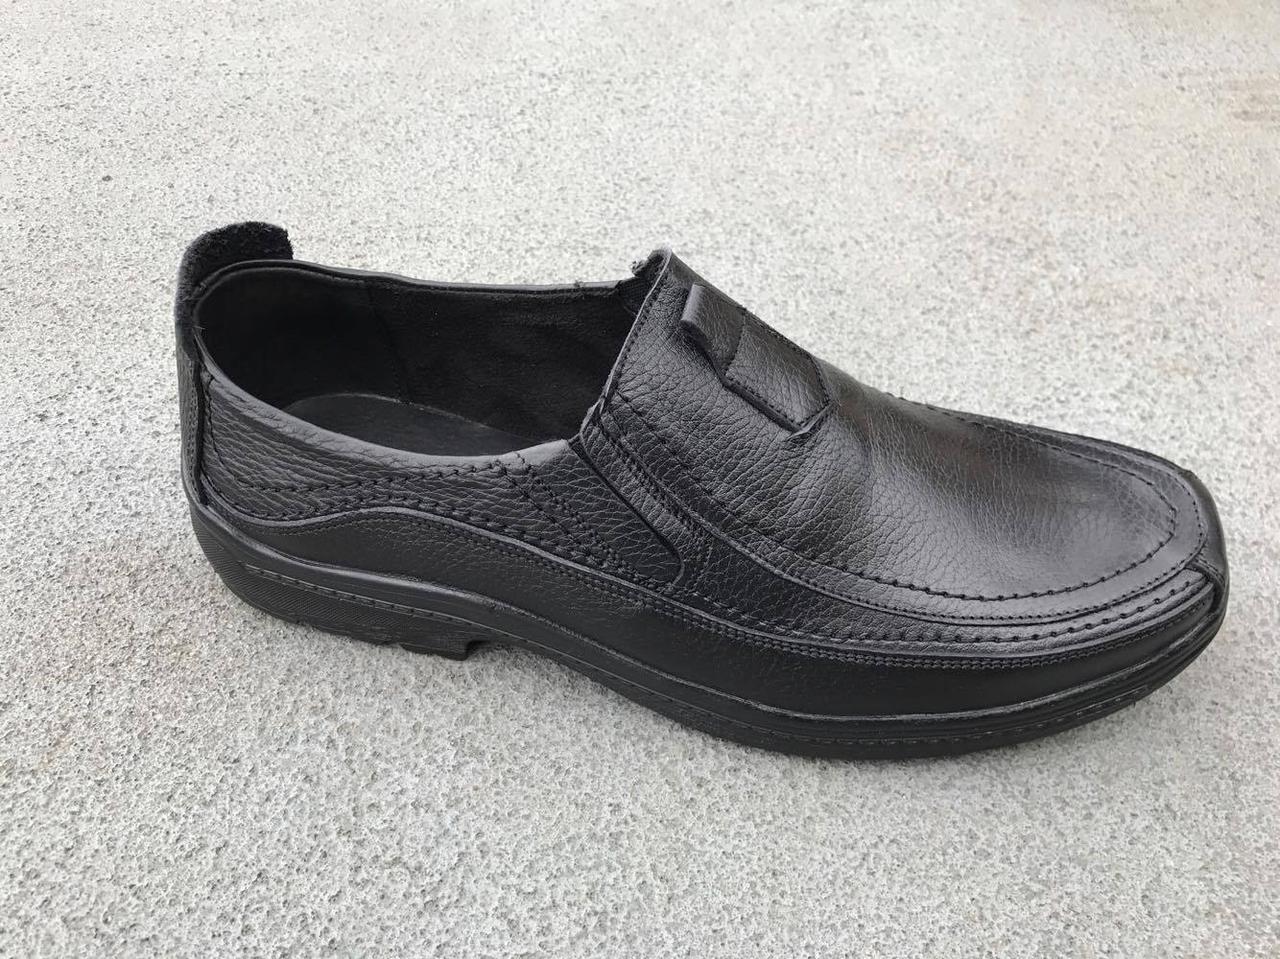 24c1ee06cbd2 Обувь больших размеров Кожаные мужские туфли Big Boss - Интернет магазин